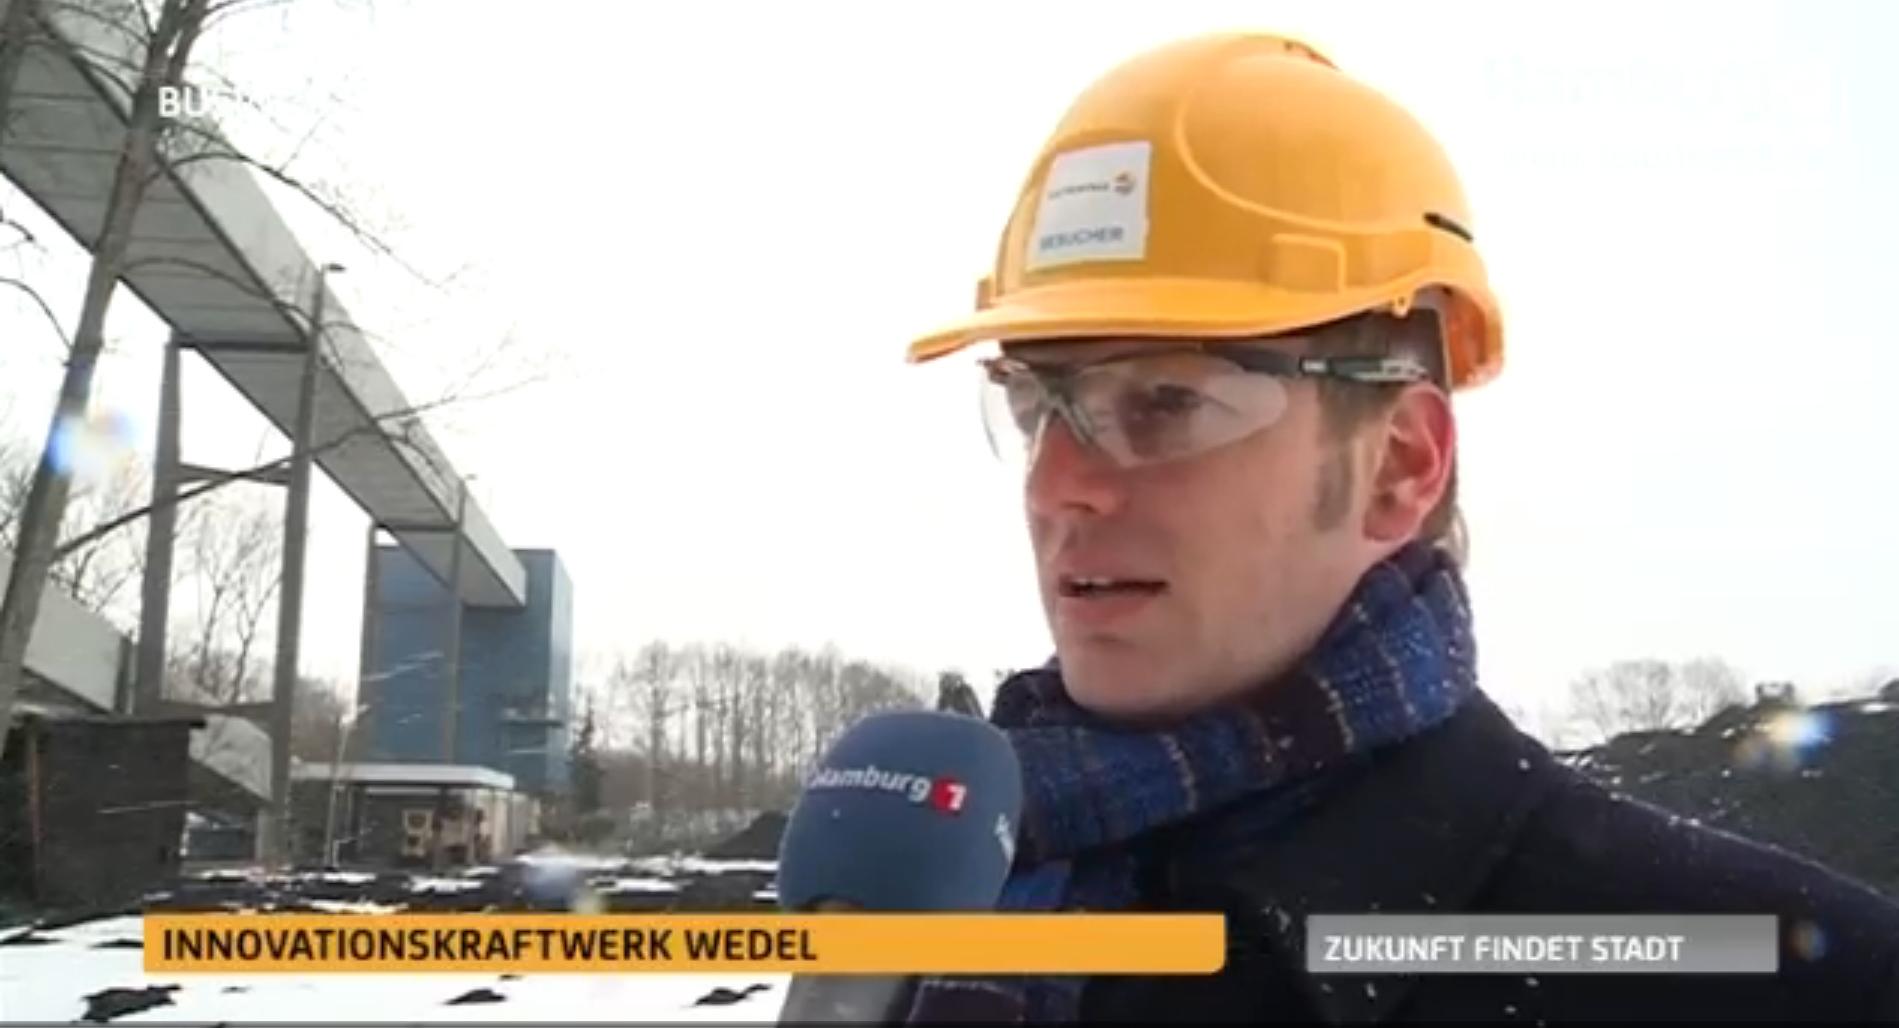 Sind es Drogen? Hauke Eugen Wagner – Ex-Vattenfall-Manager und SPD-Kandidat braucht ärztliche Betreuung